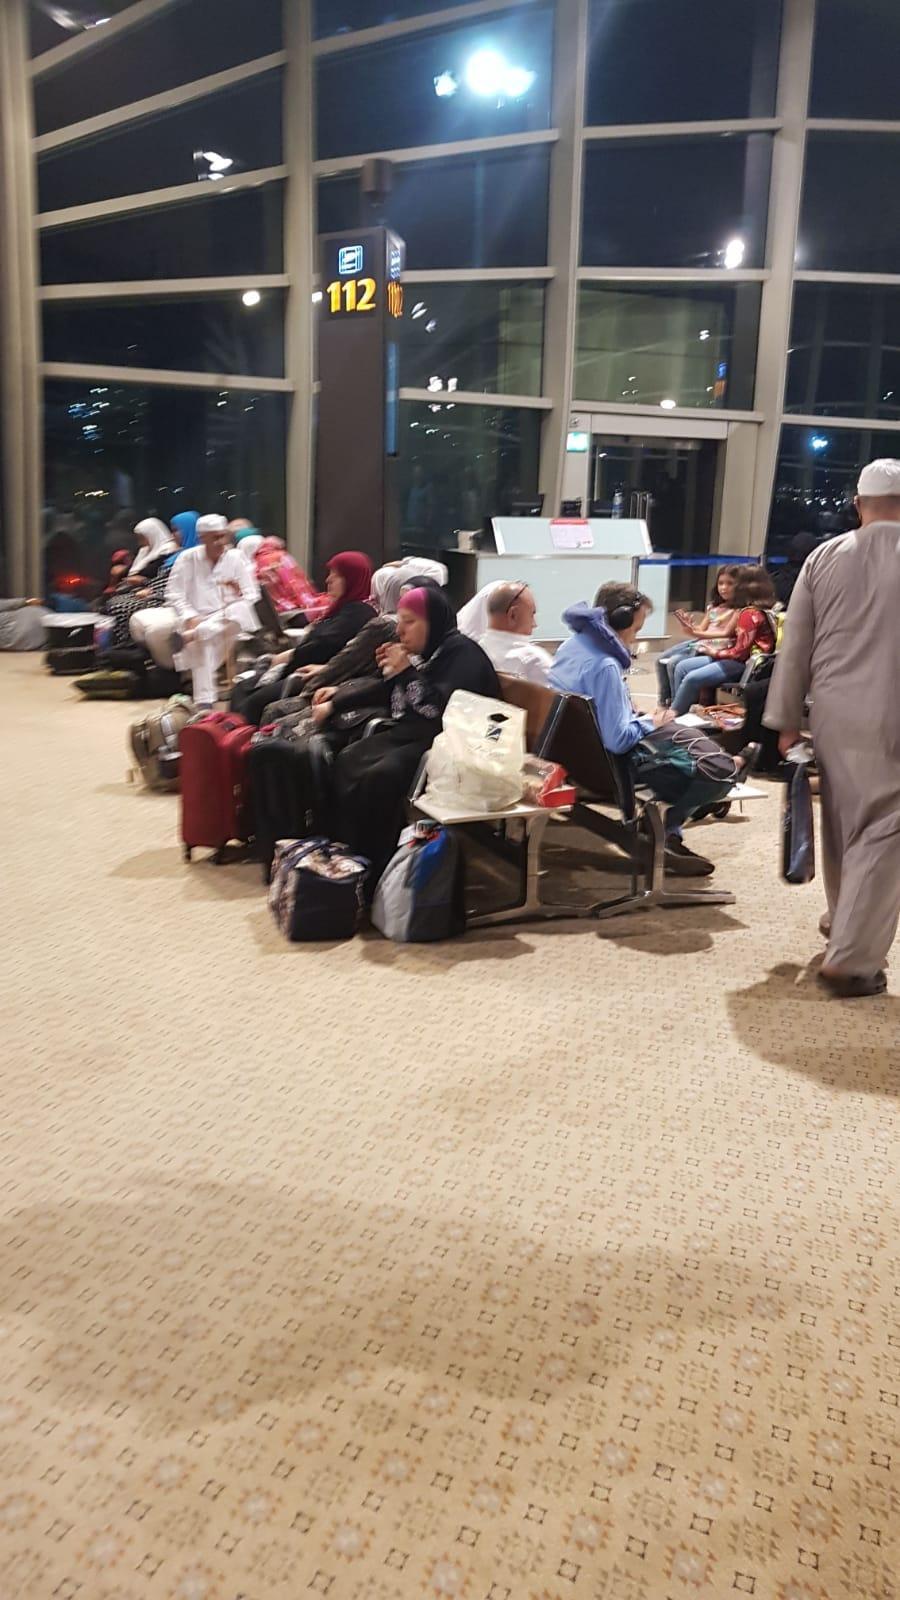 حجاج من الداخل عالقون في مطار عمان... من المسؤول؟